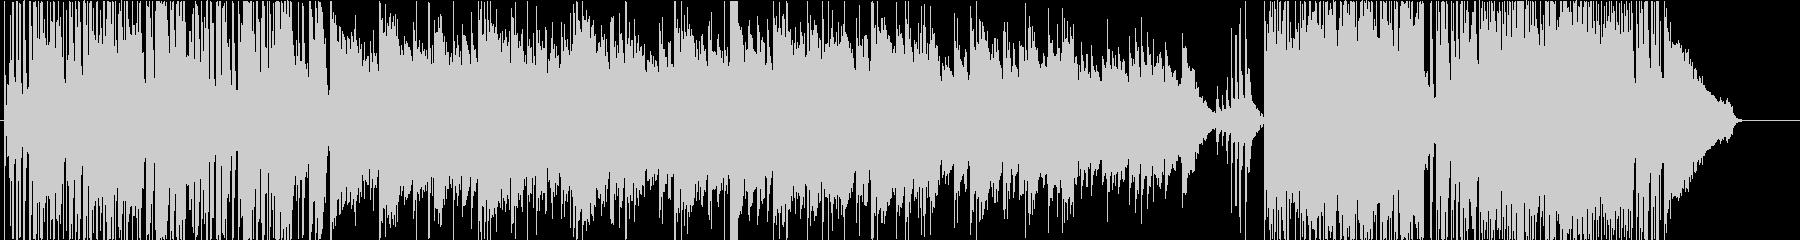 昔ながらのポップなピアノロックの未再生の波形